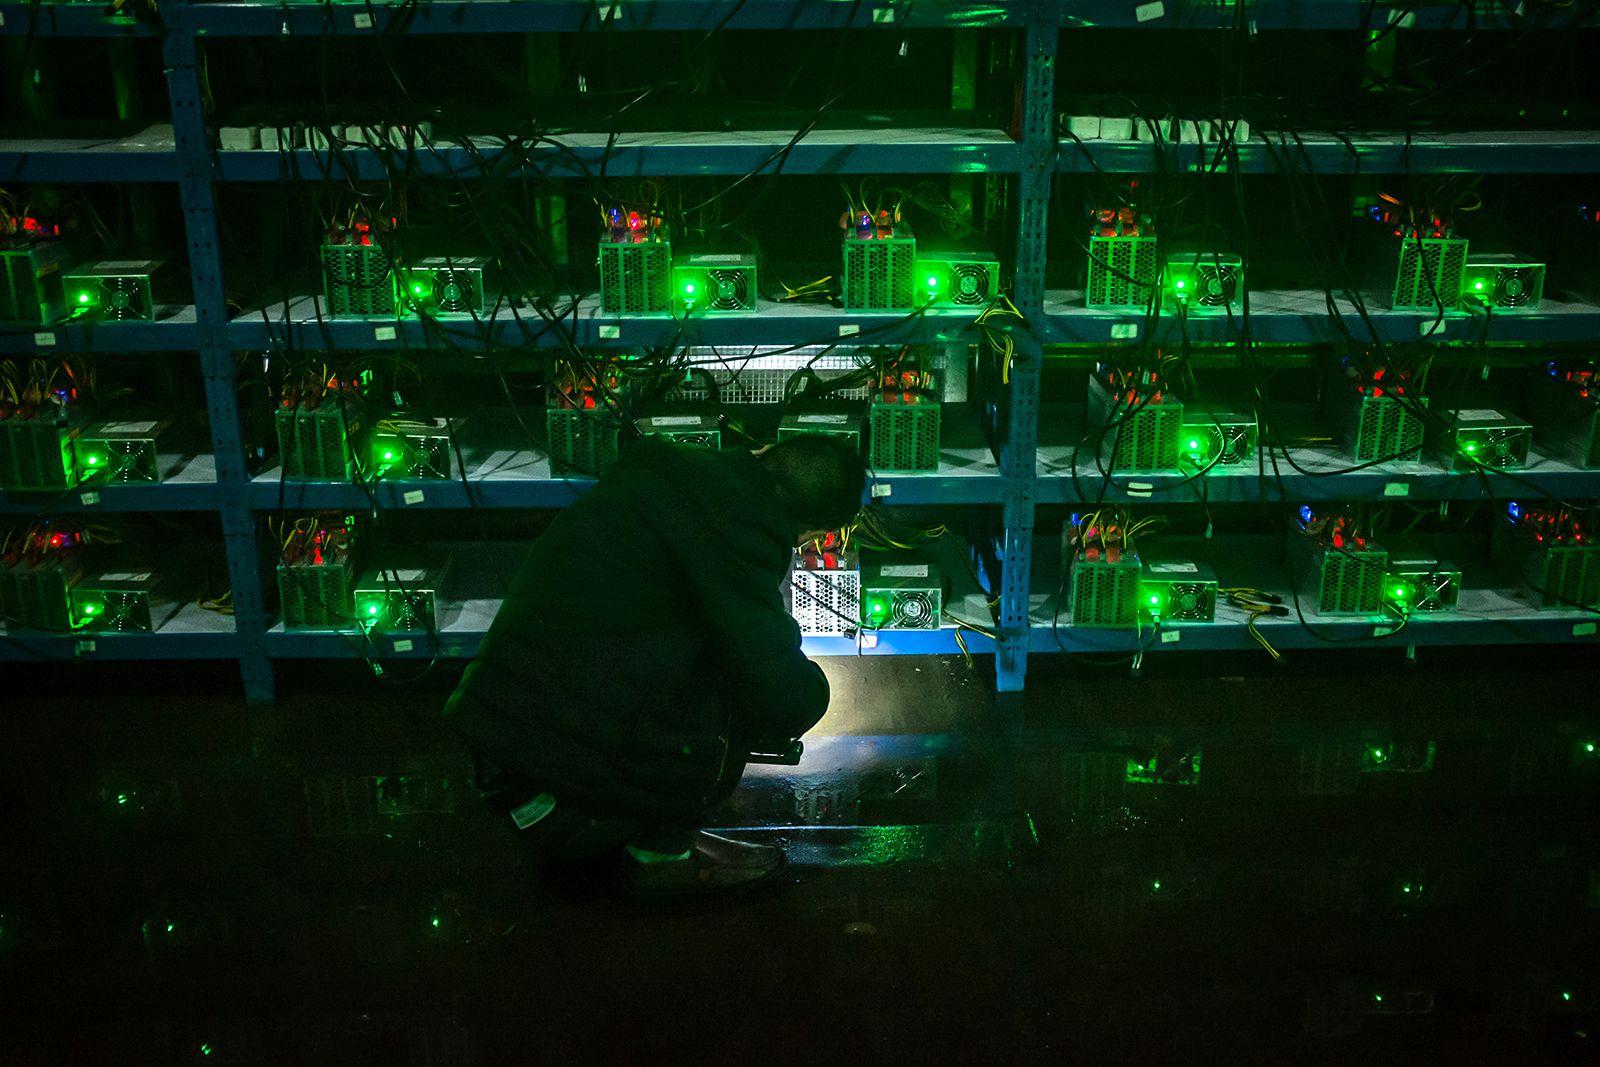 Майнер в ночную смену проверяет исправность мультифункциональных машин.